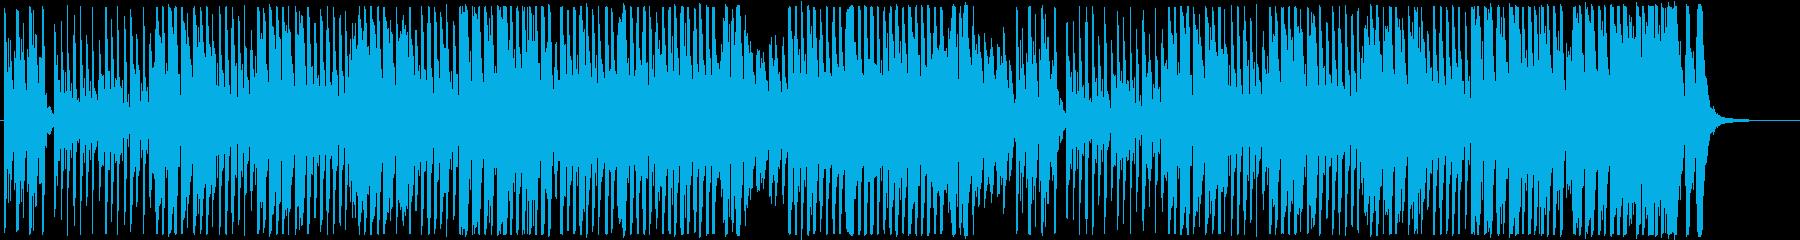 【アニメ】ほのぼの可愛いミディアムテンポの再生済みの波形